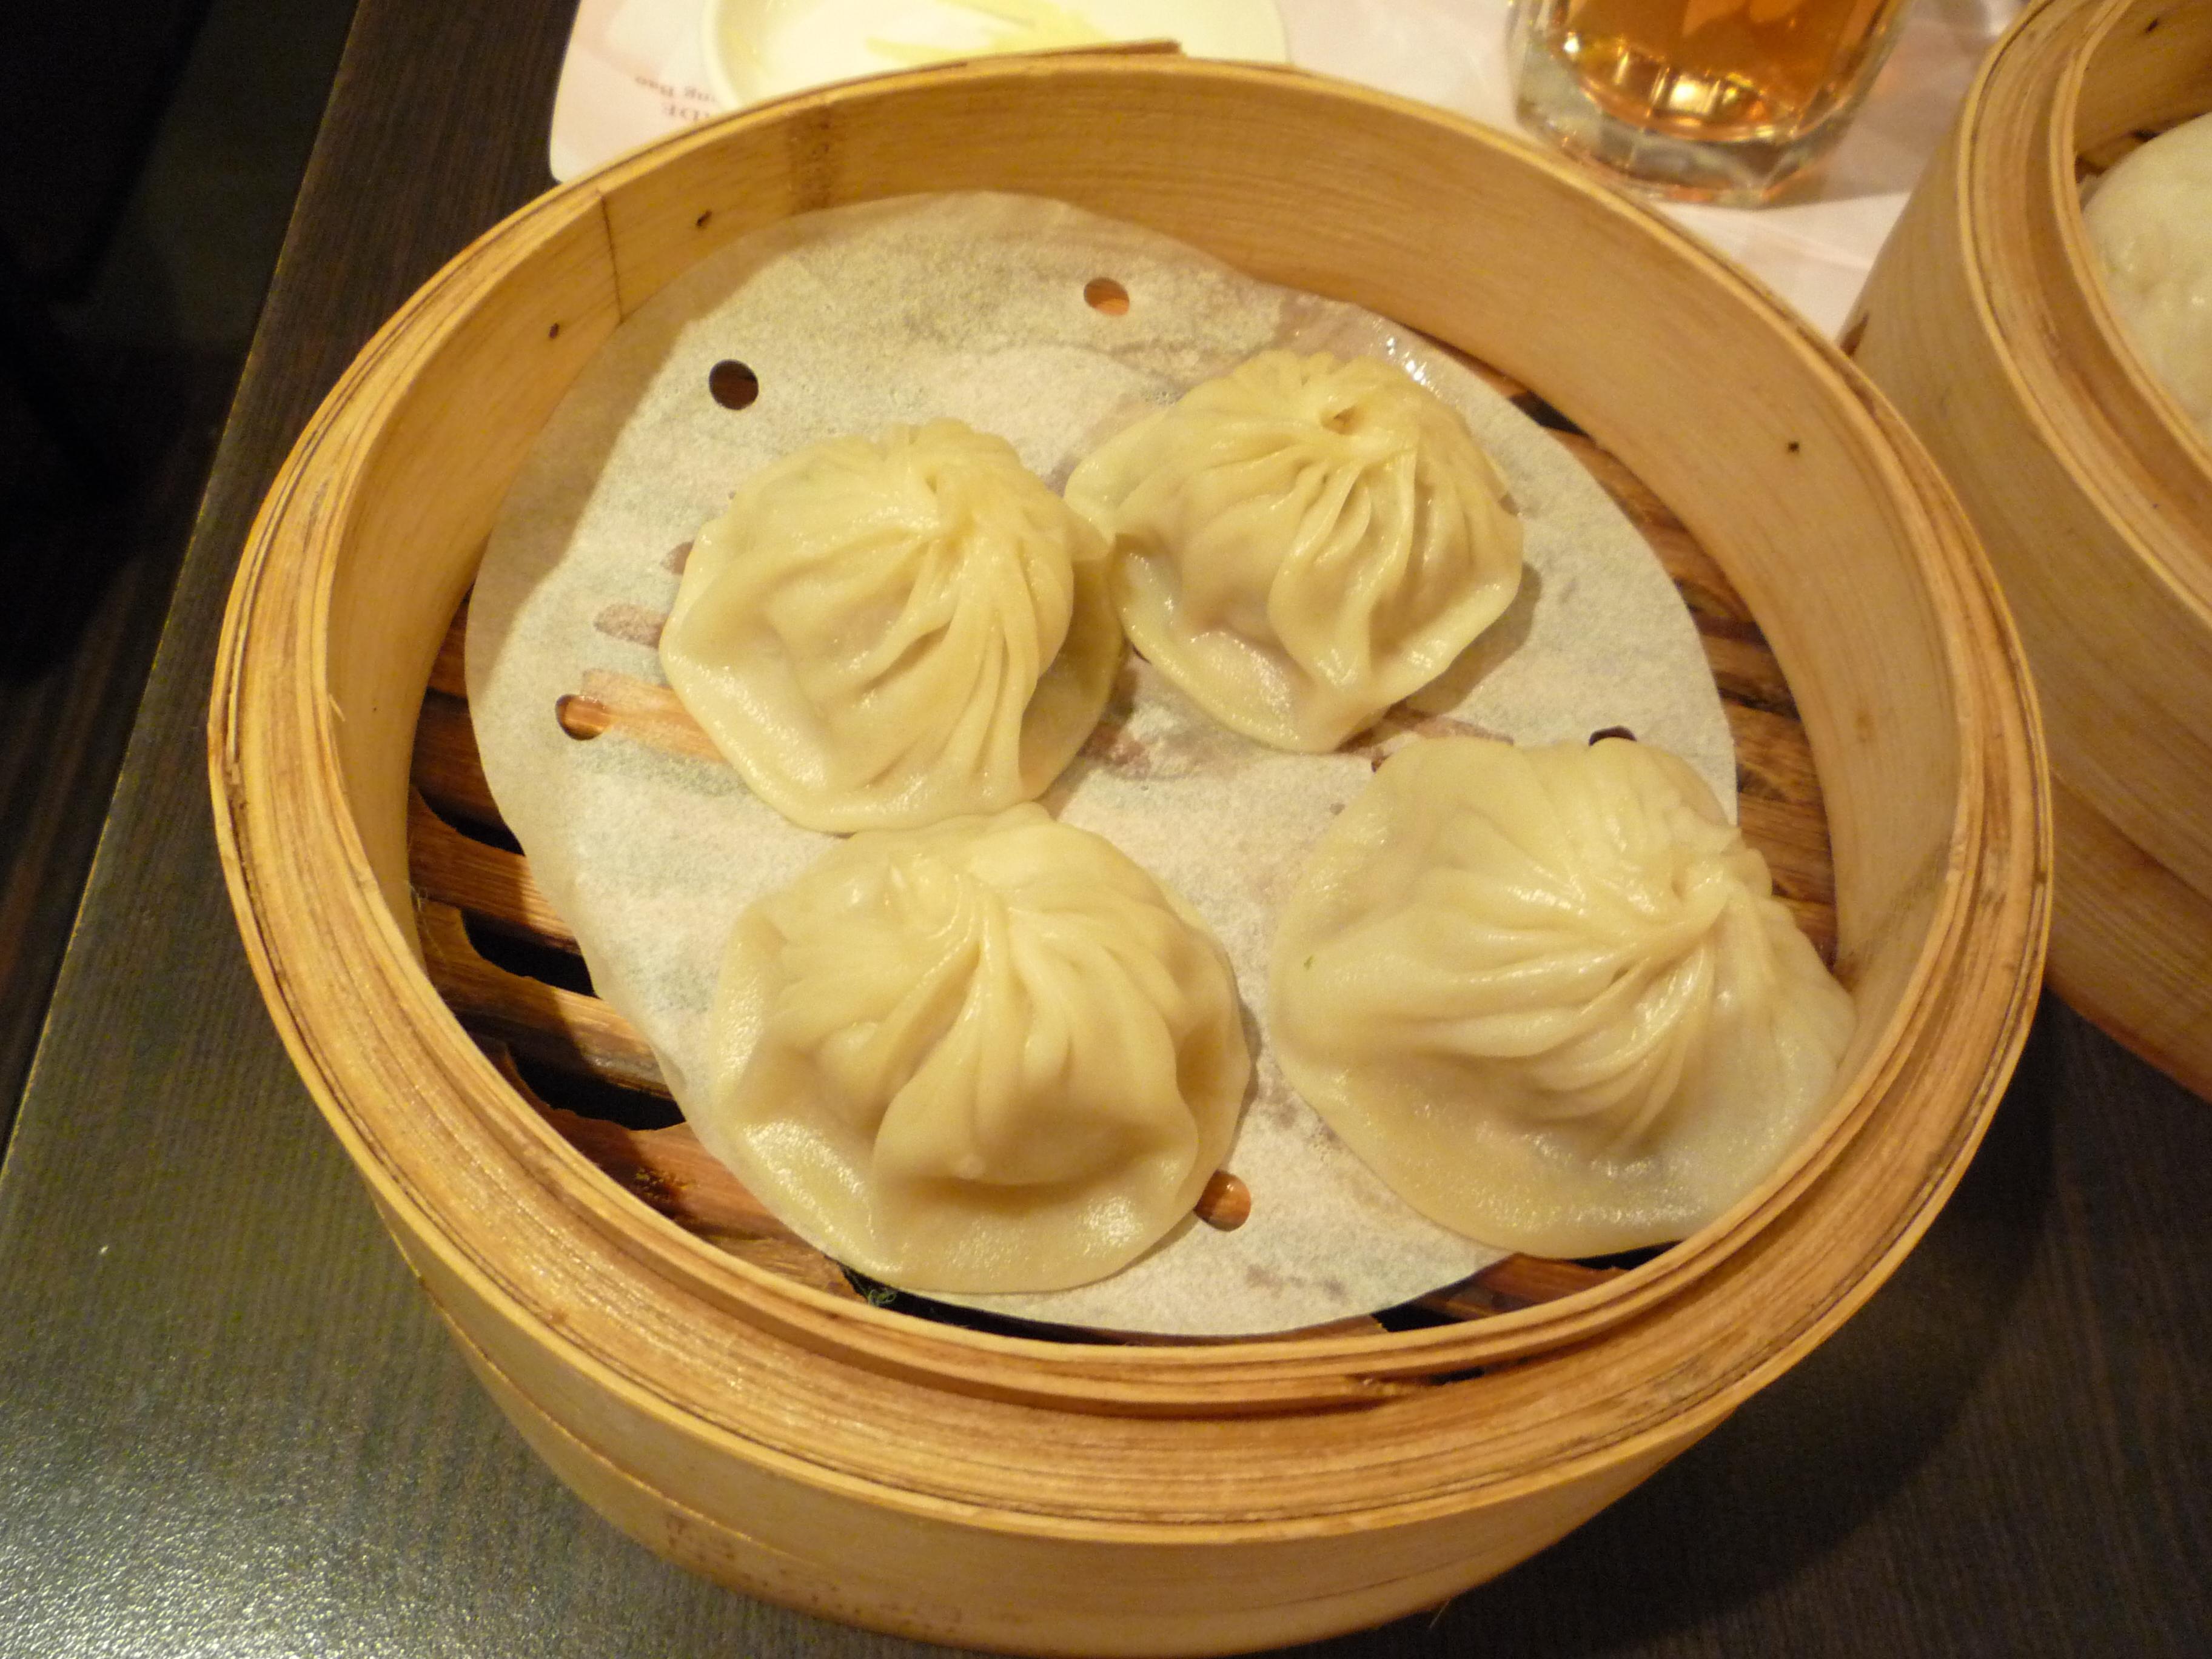 Dumplings gaau ji online dating